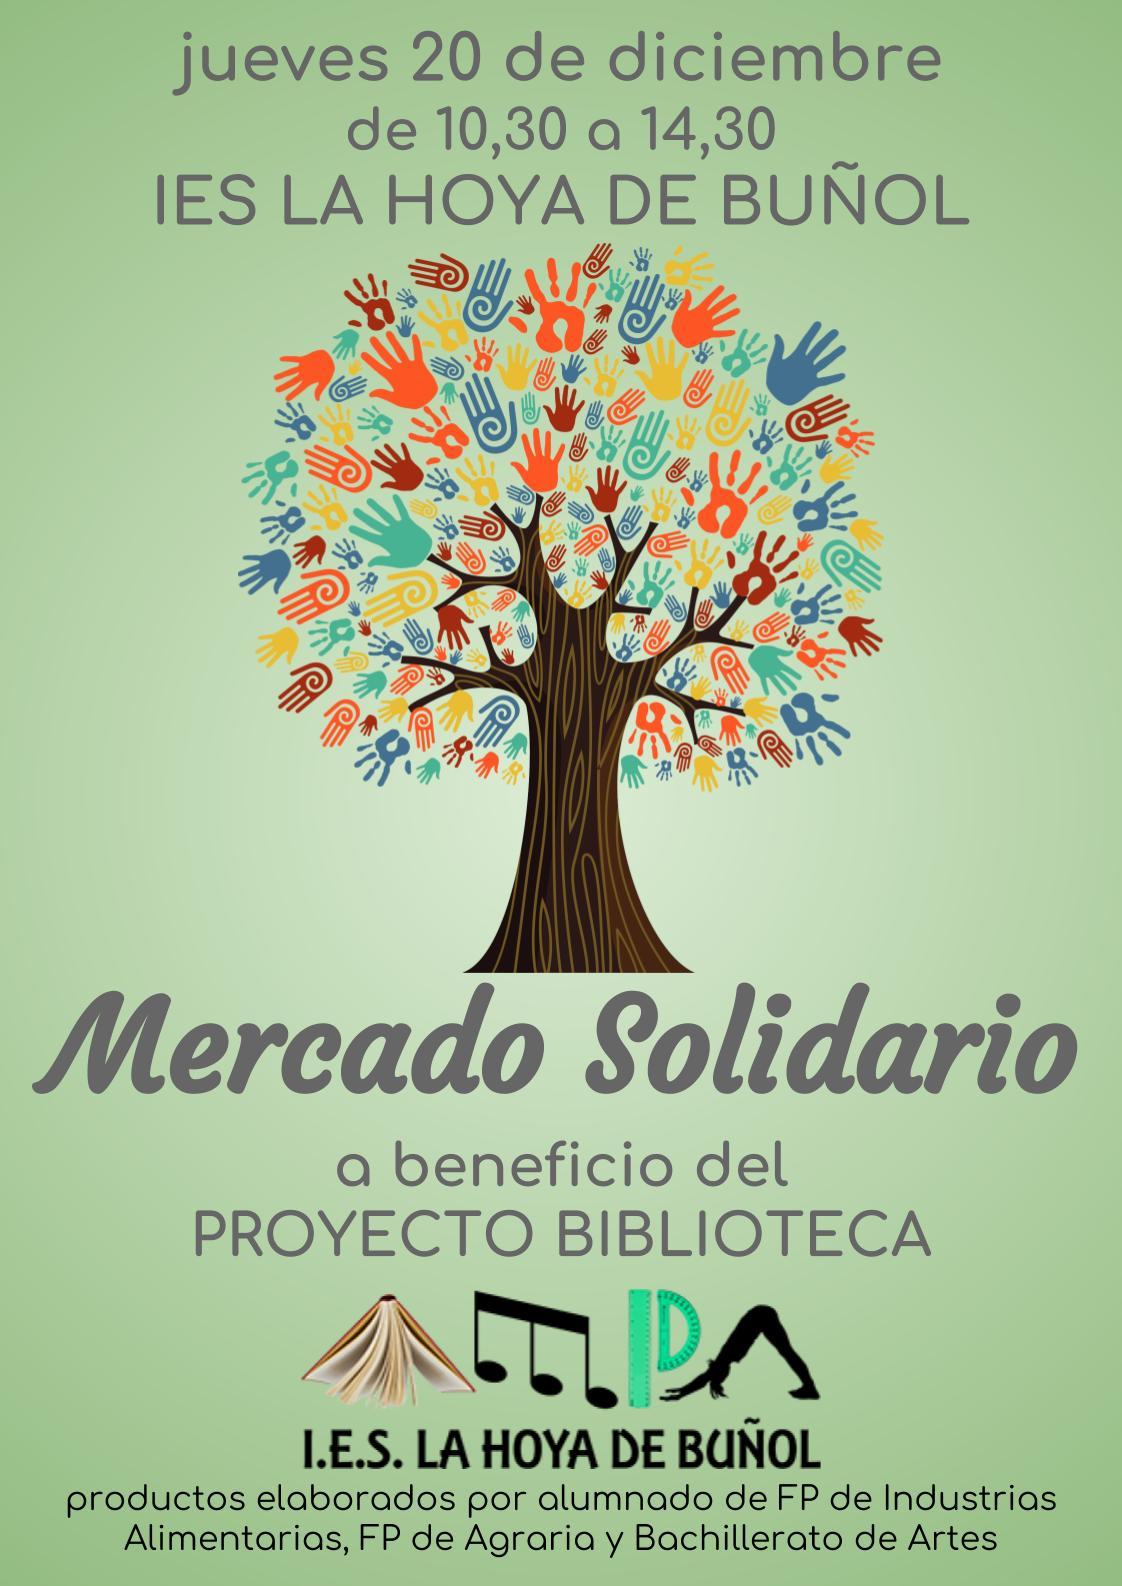 El próximo jueves 20 de diciembre, la AMPA del IES La Hoya de Buñol organiza un Mercado Solidario en el propio instituto.